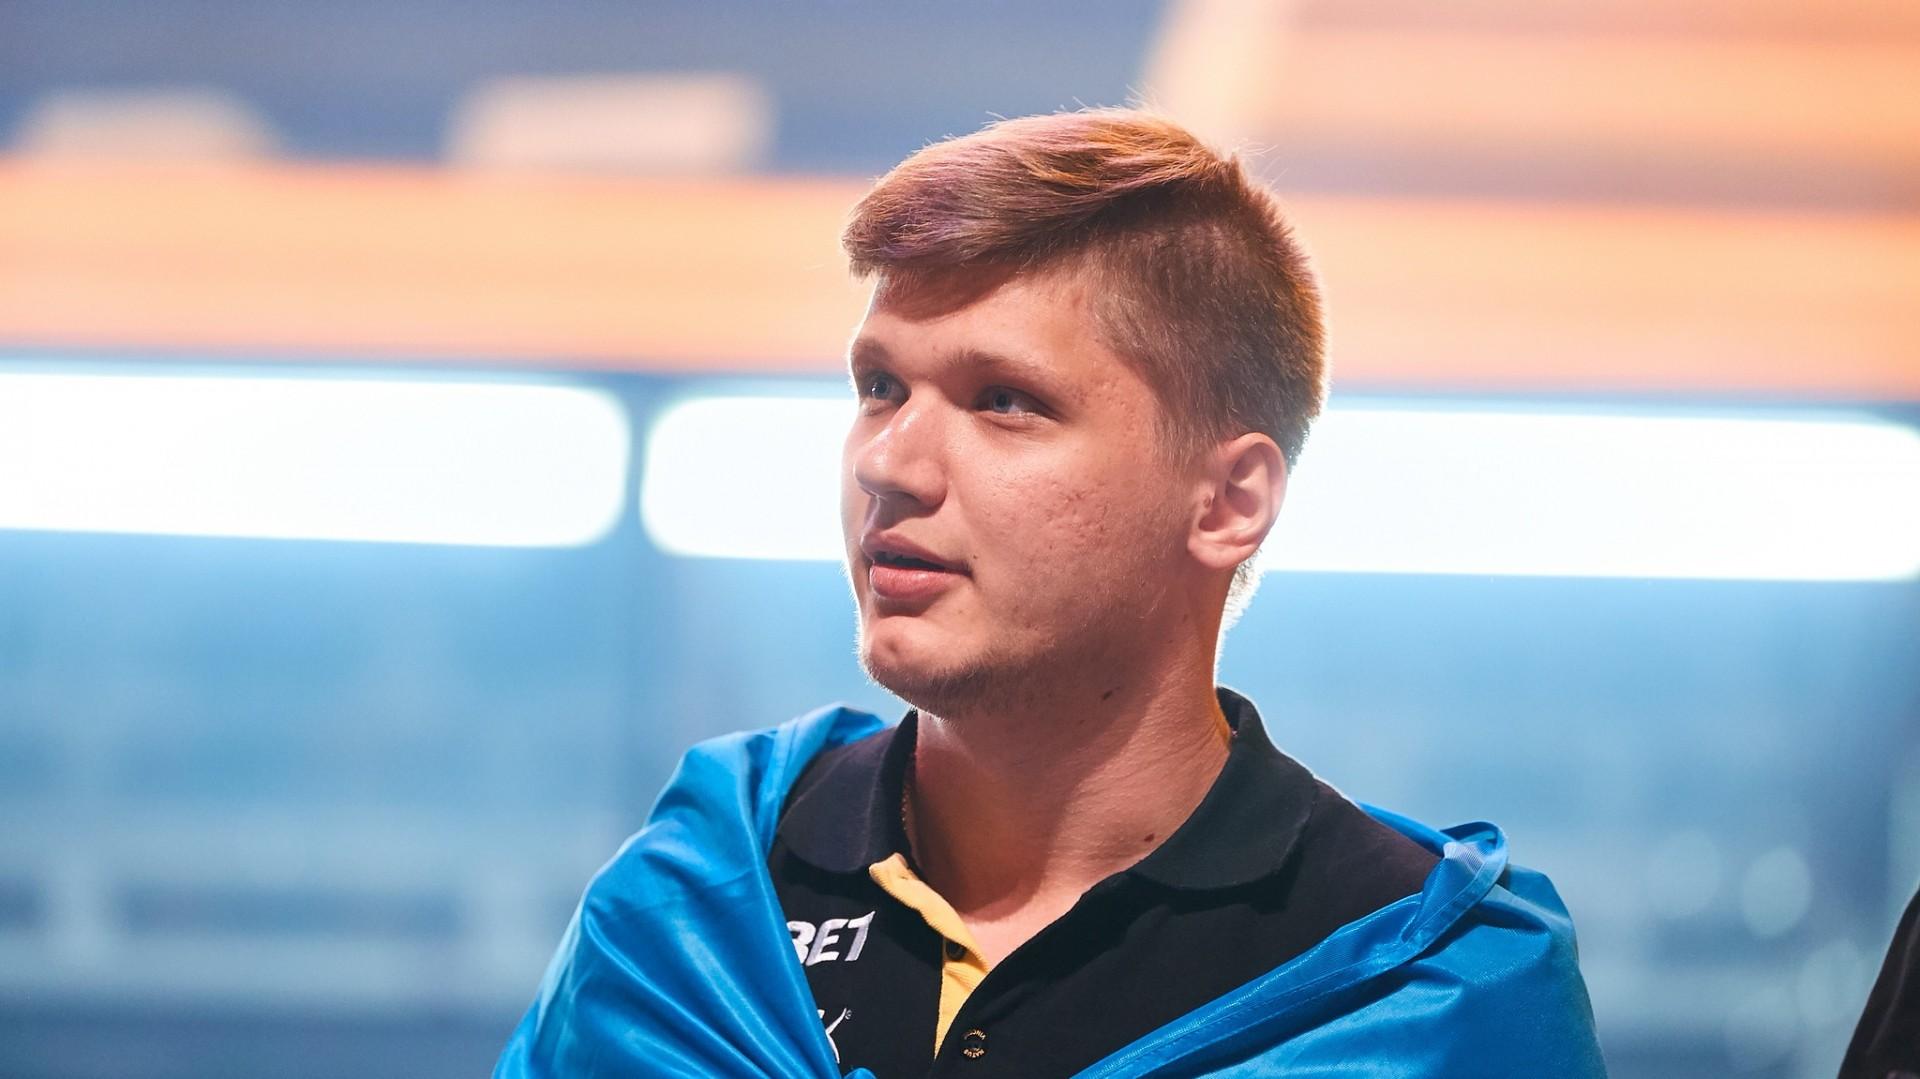 s1mple ответил на обвинения политического активиста и признался в любви к Украине